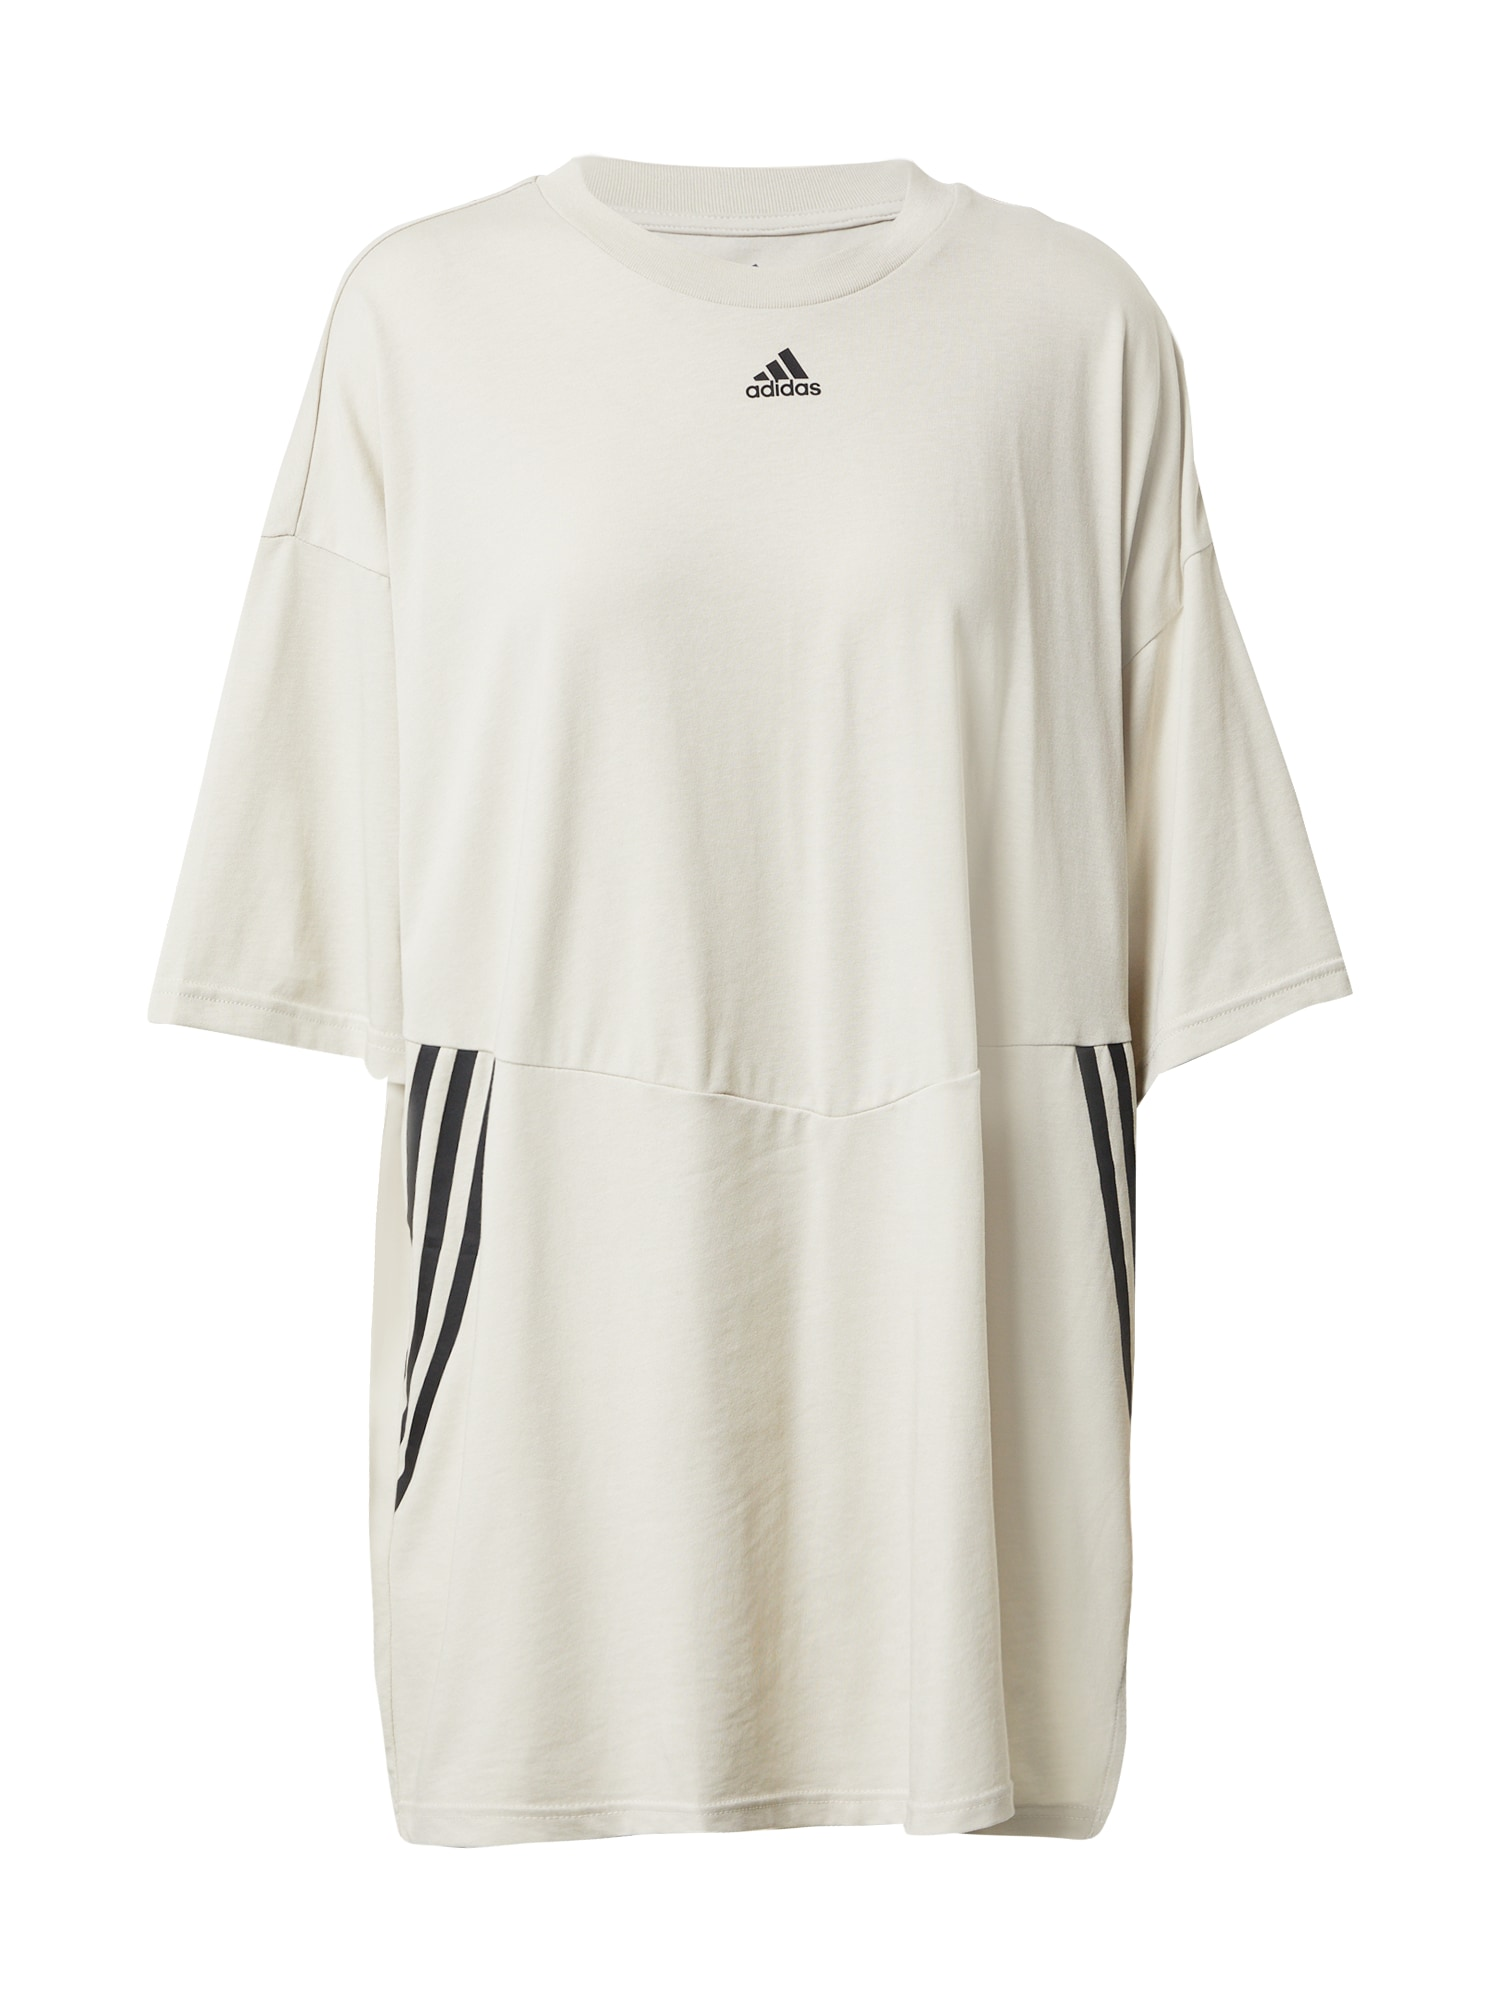 ADIDAS PERFORMANCE Sportiniai marškinėliai juoda / pilka